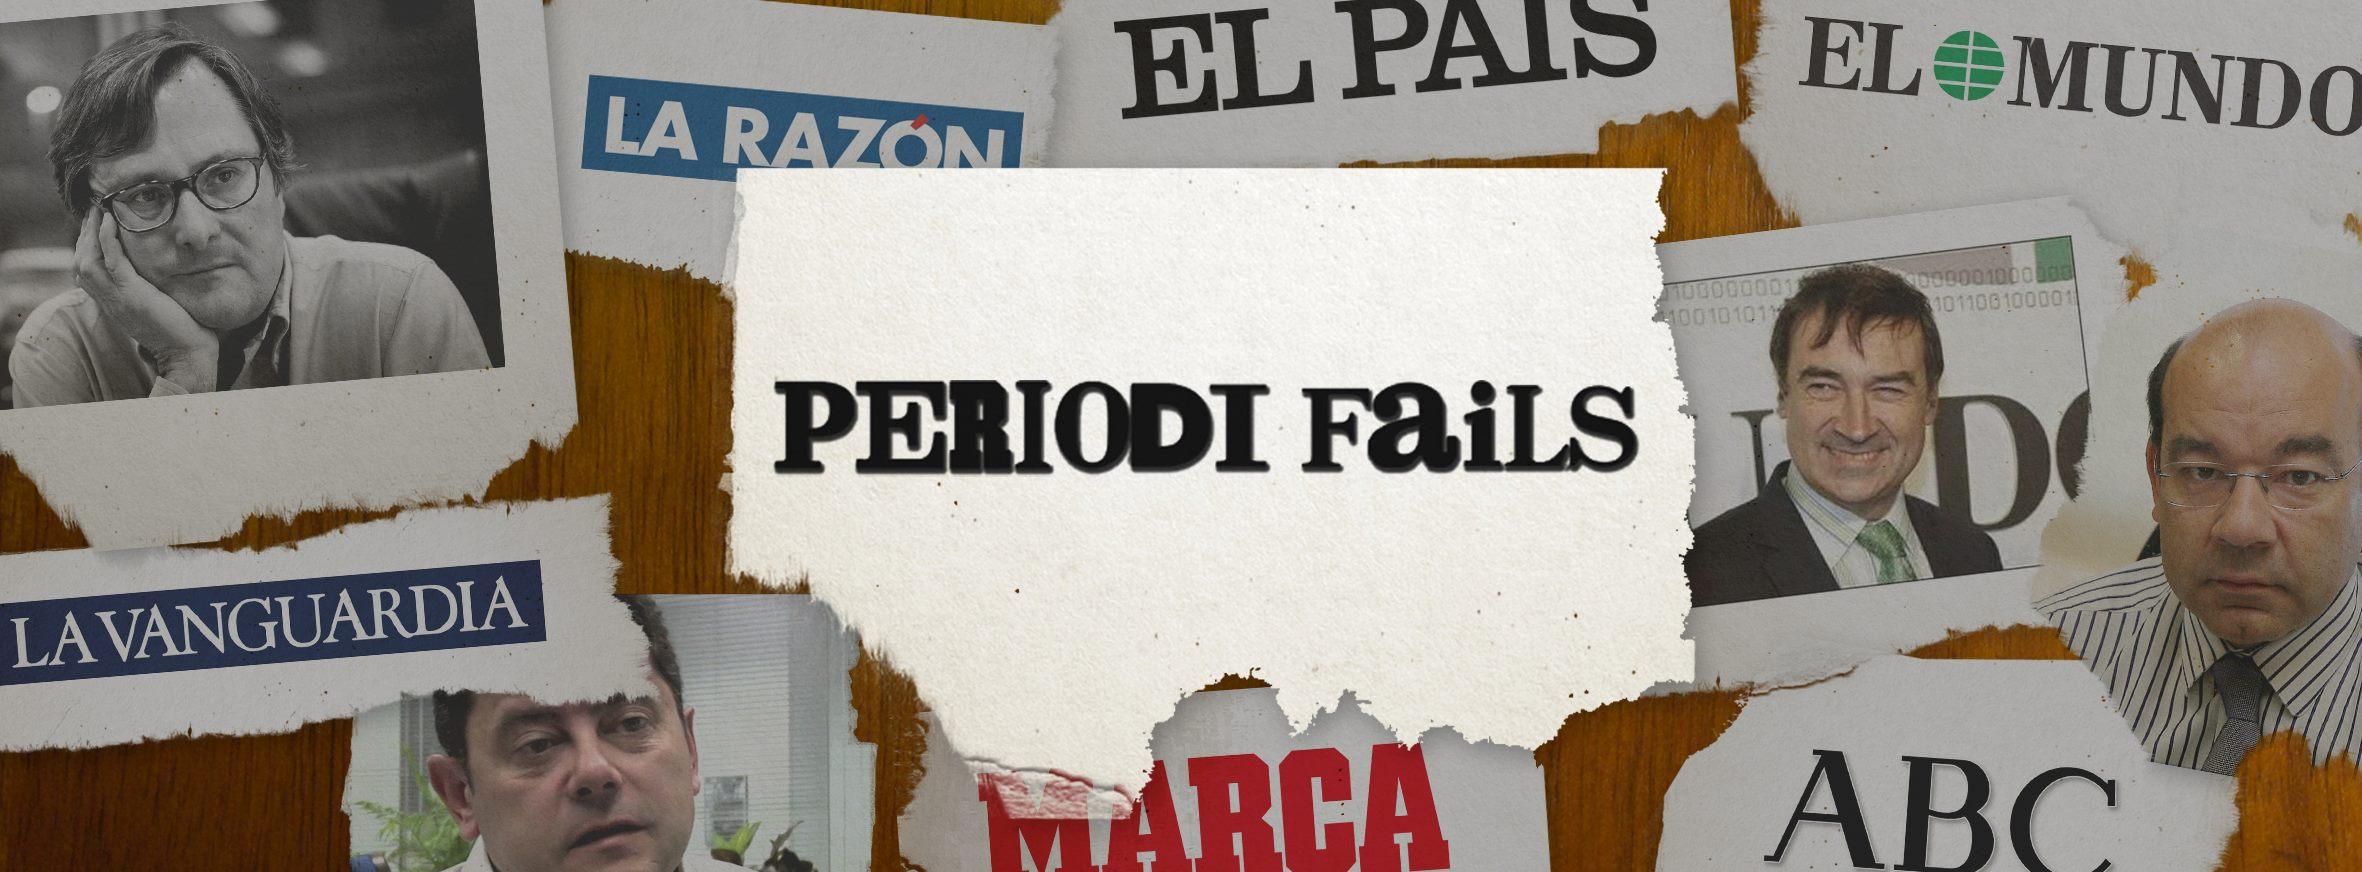 periodifails